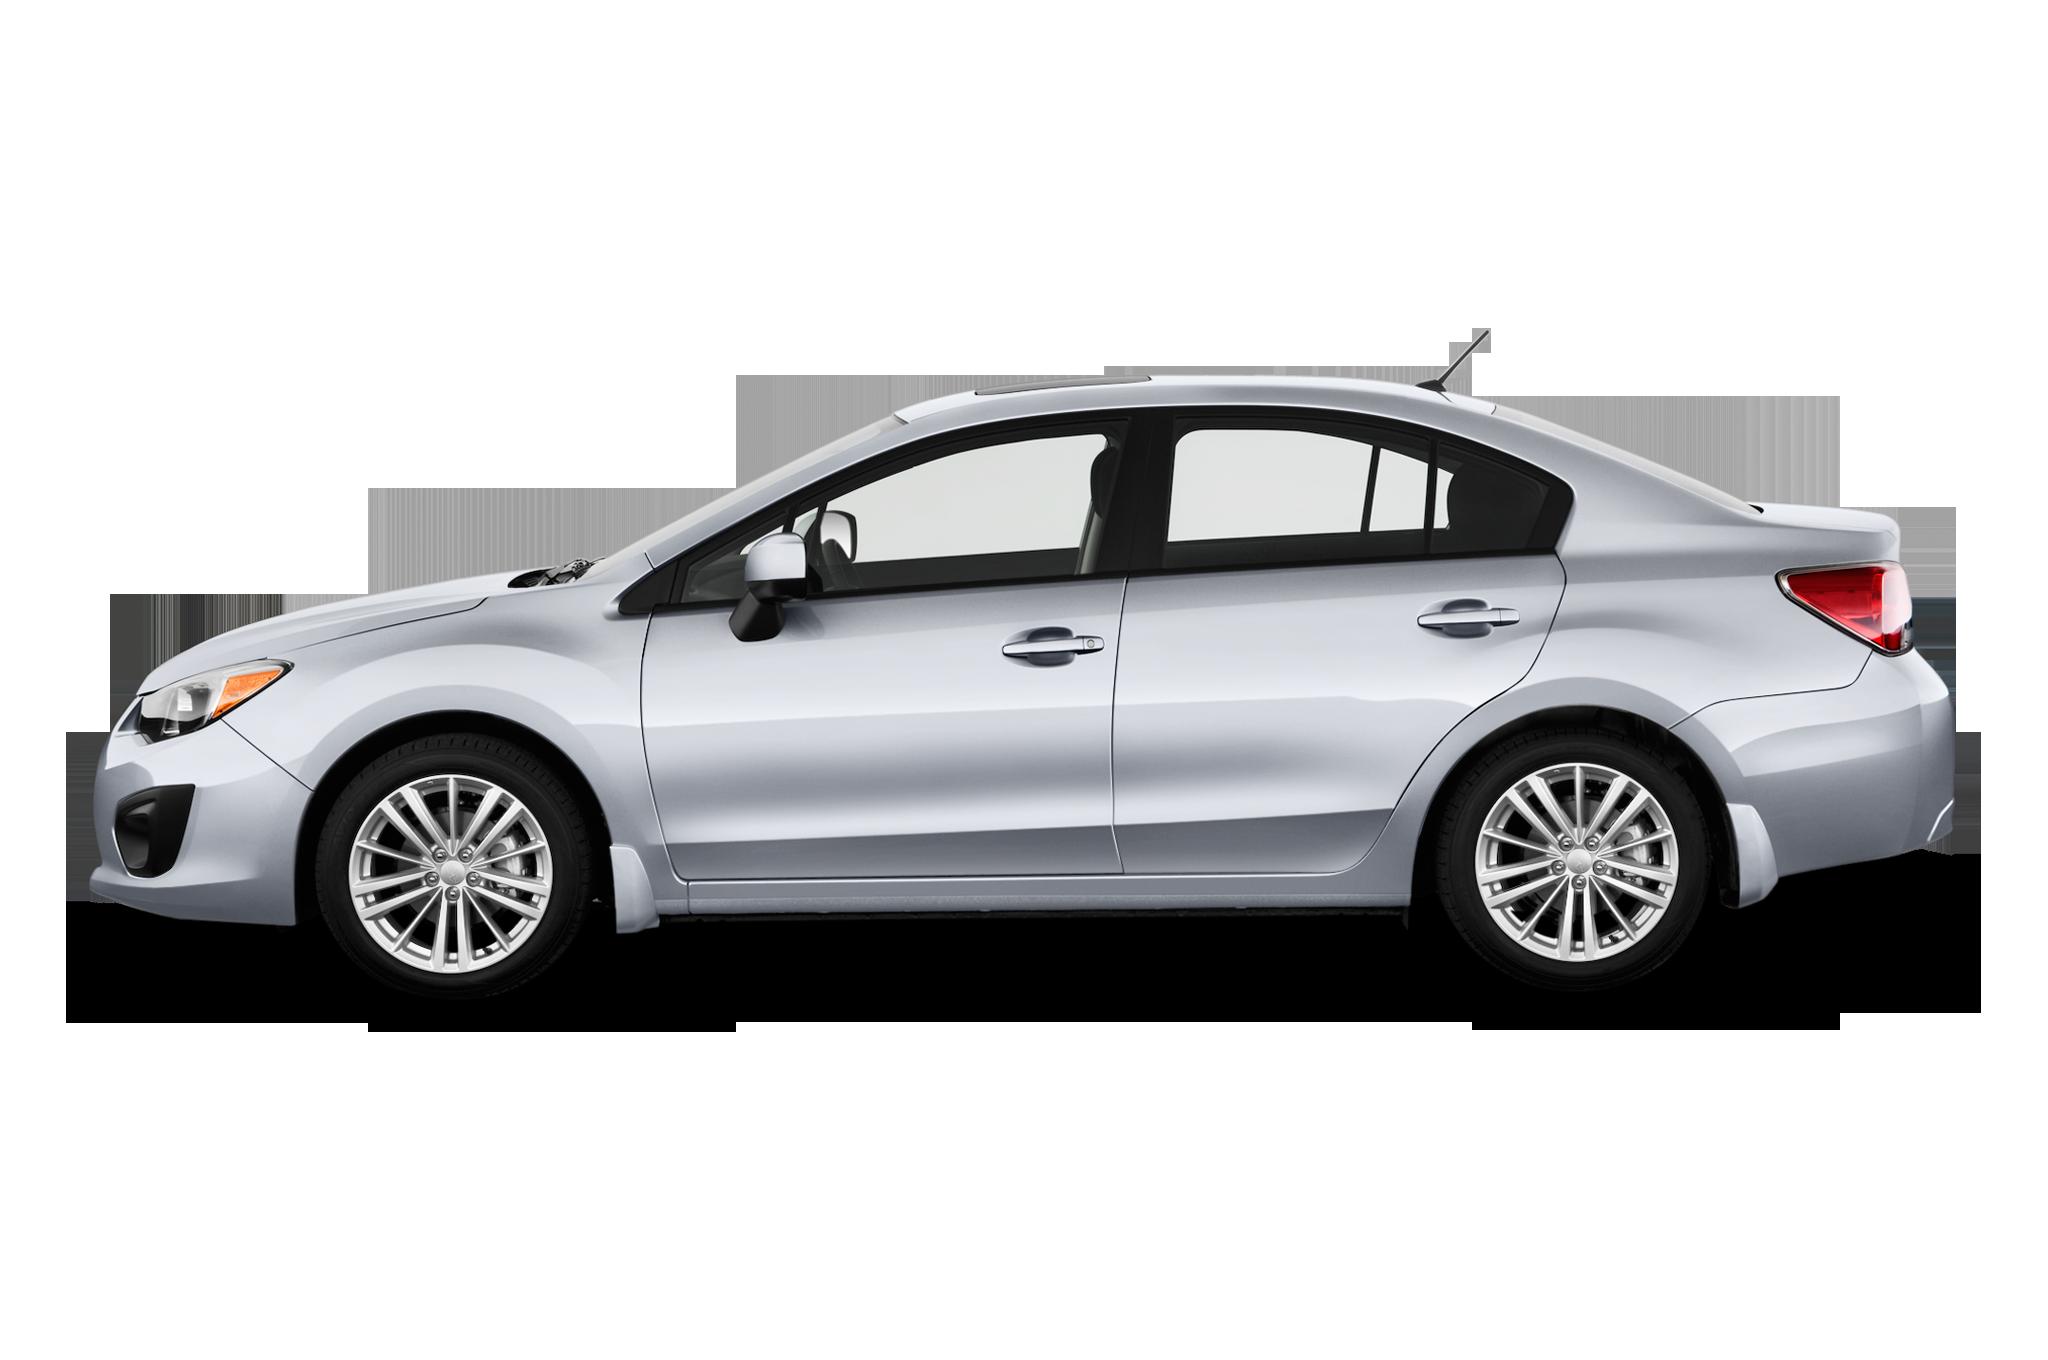 Schön 2012 Subaru Impreza Drahtschema Fotos - Der Schaltplan ...